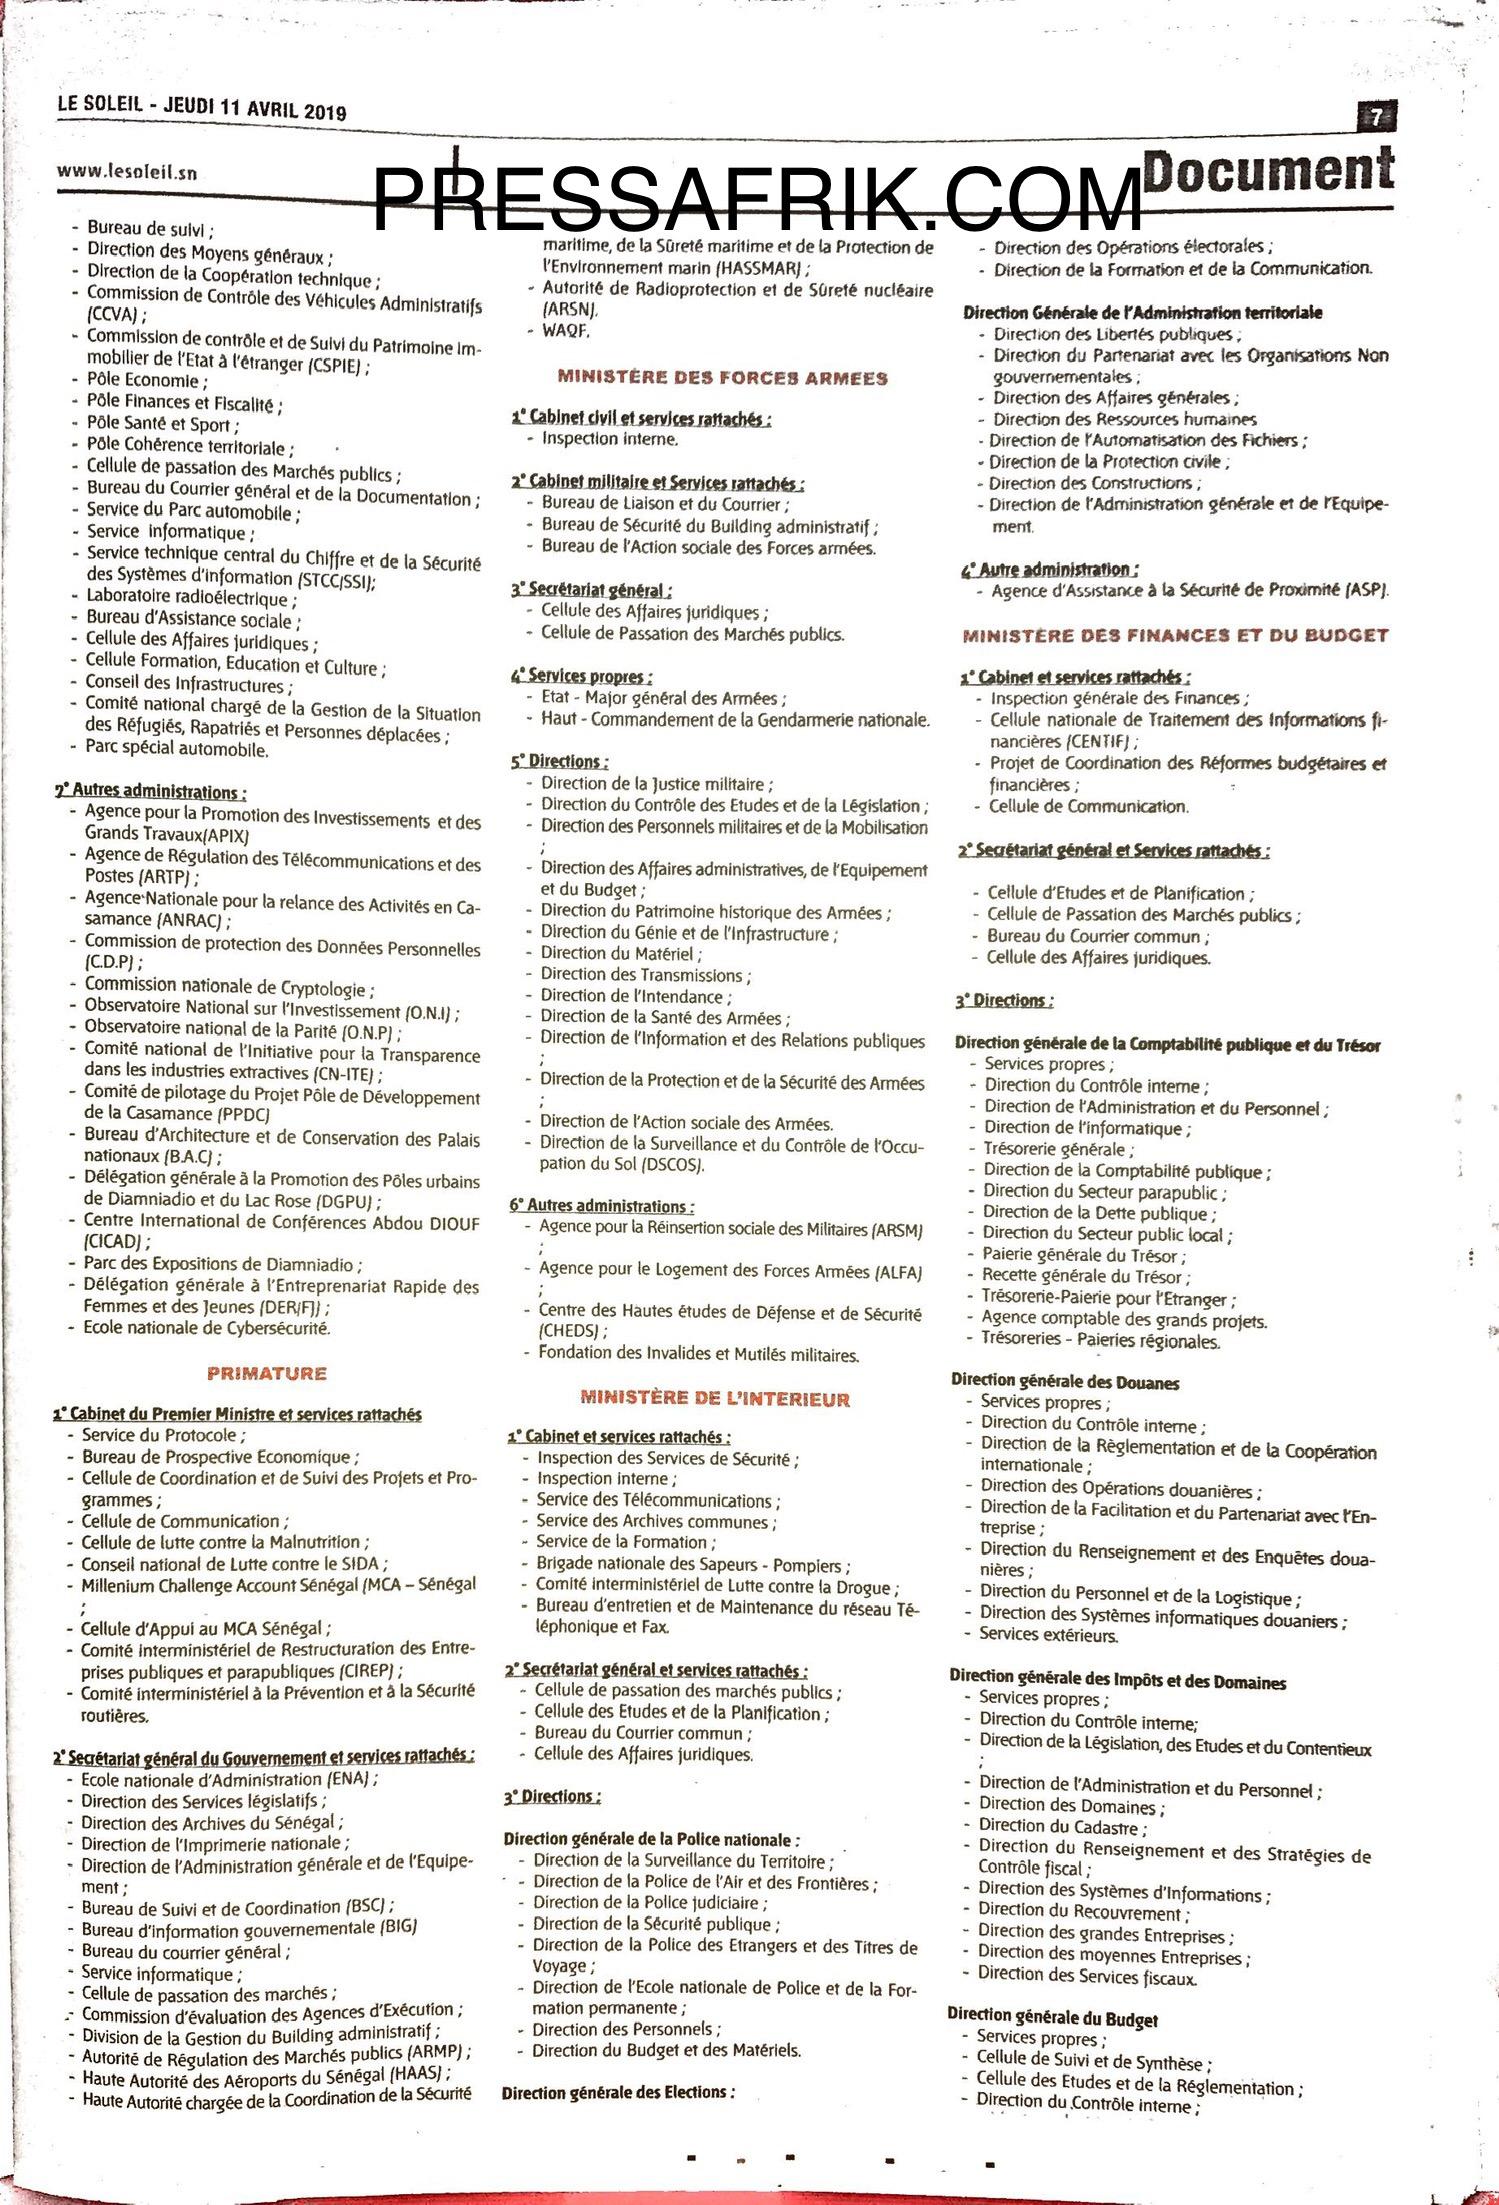 Décret de répartition des services de l'Etat: Découvrez les ministères les mieux servis et ceux qui sont mal lotis (Document)